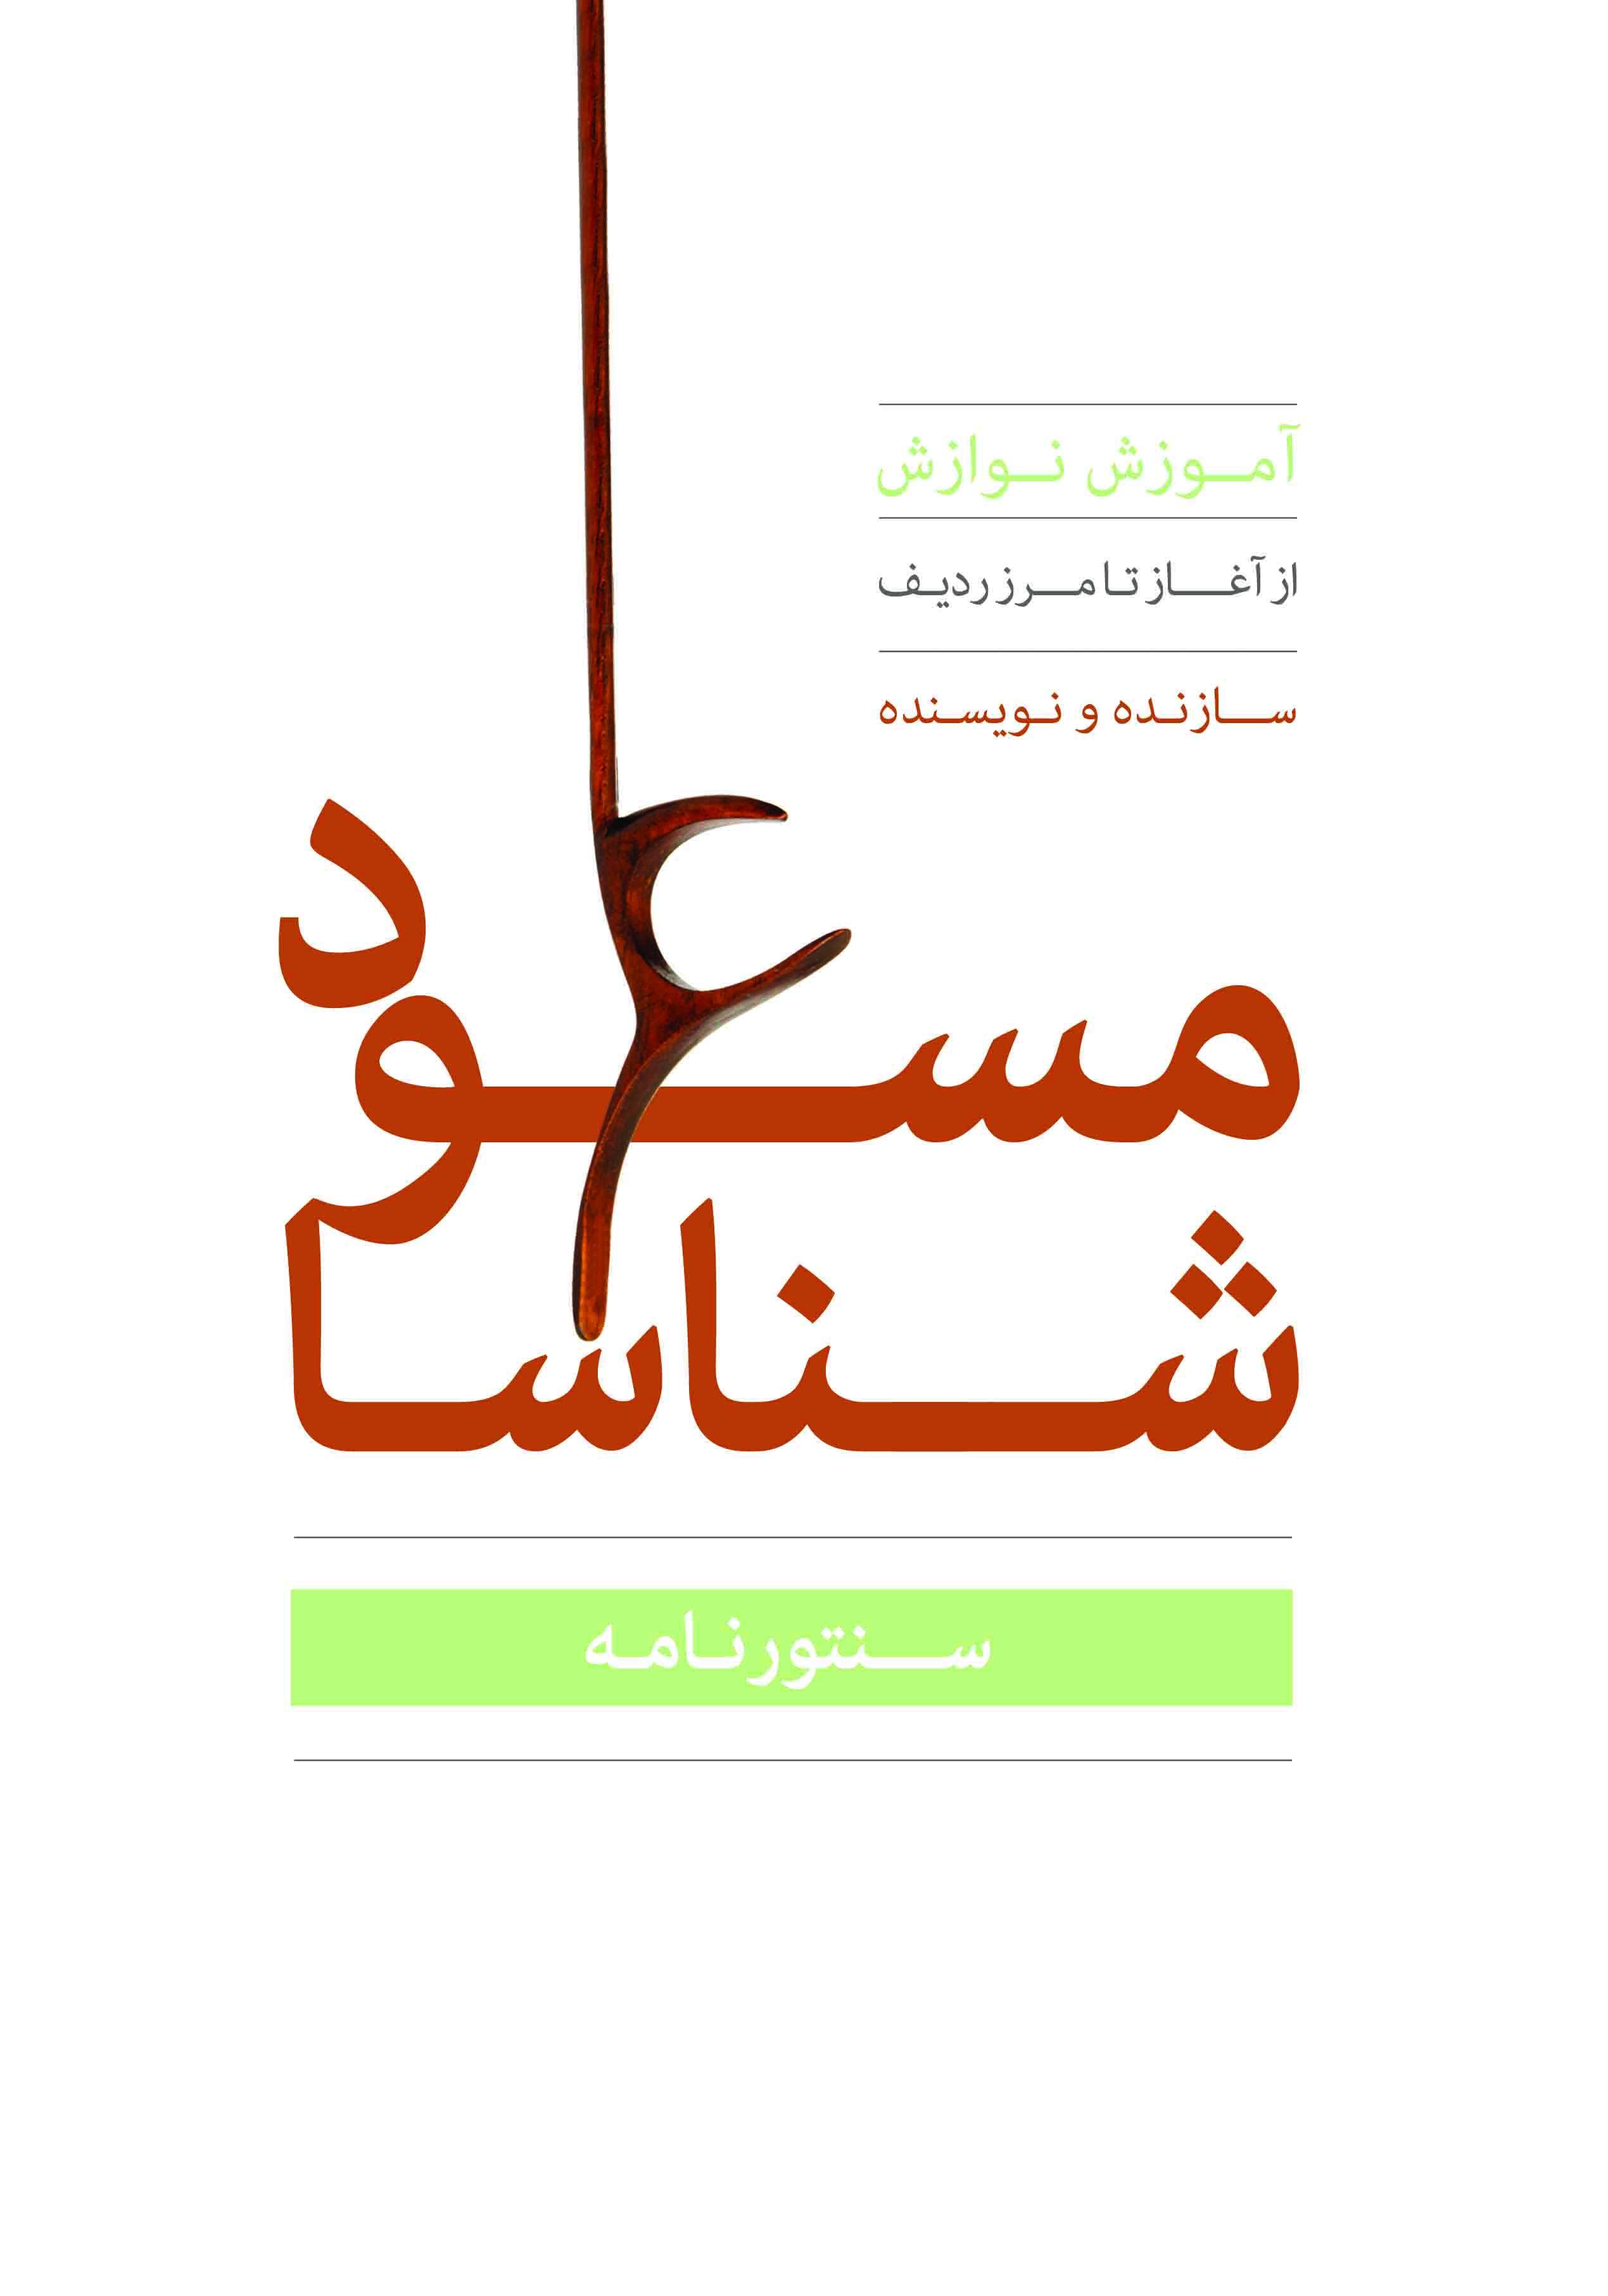 سنتور نامه/مسعود شناسا